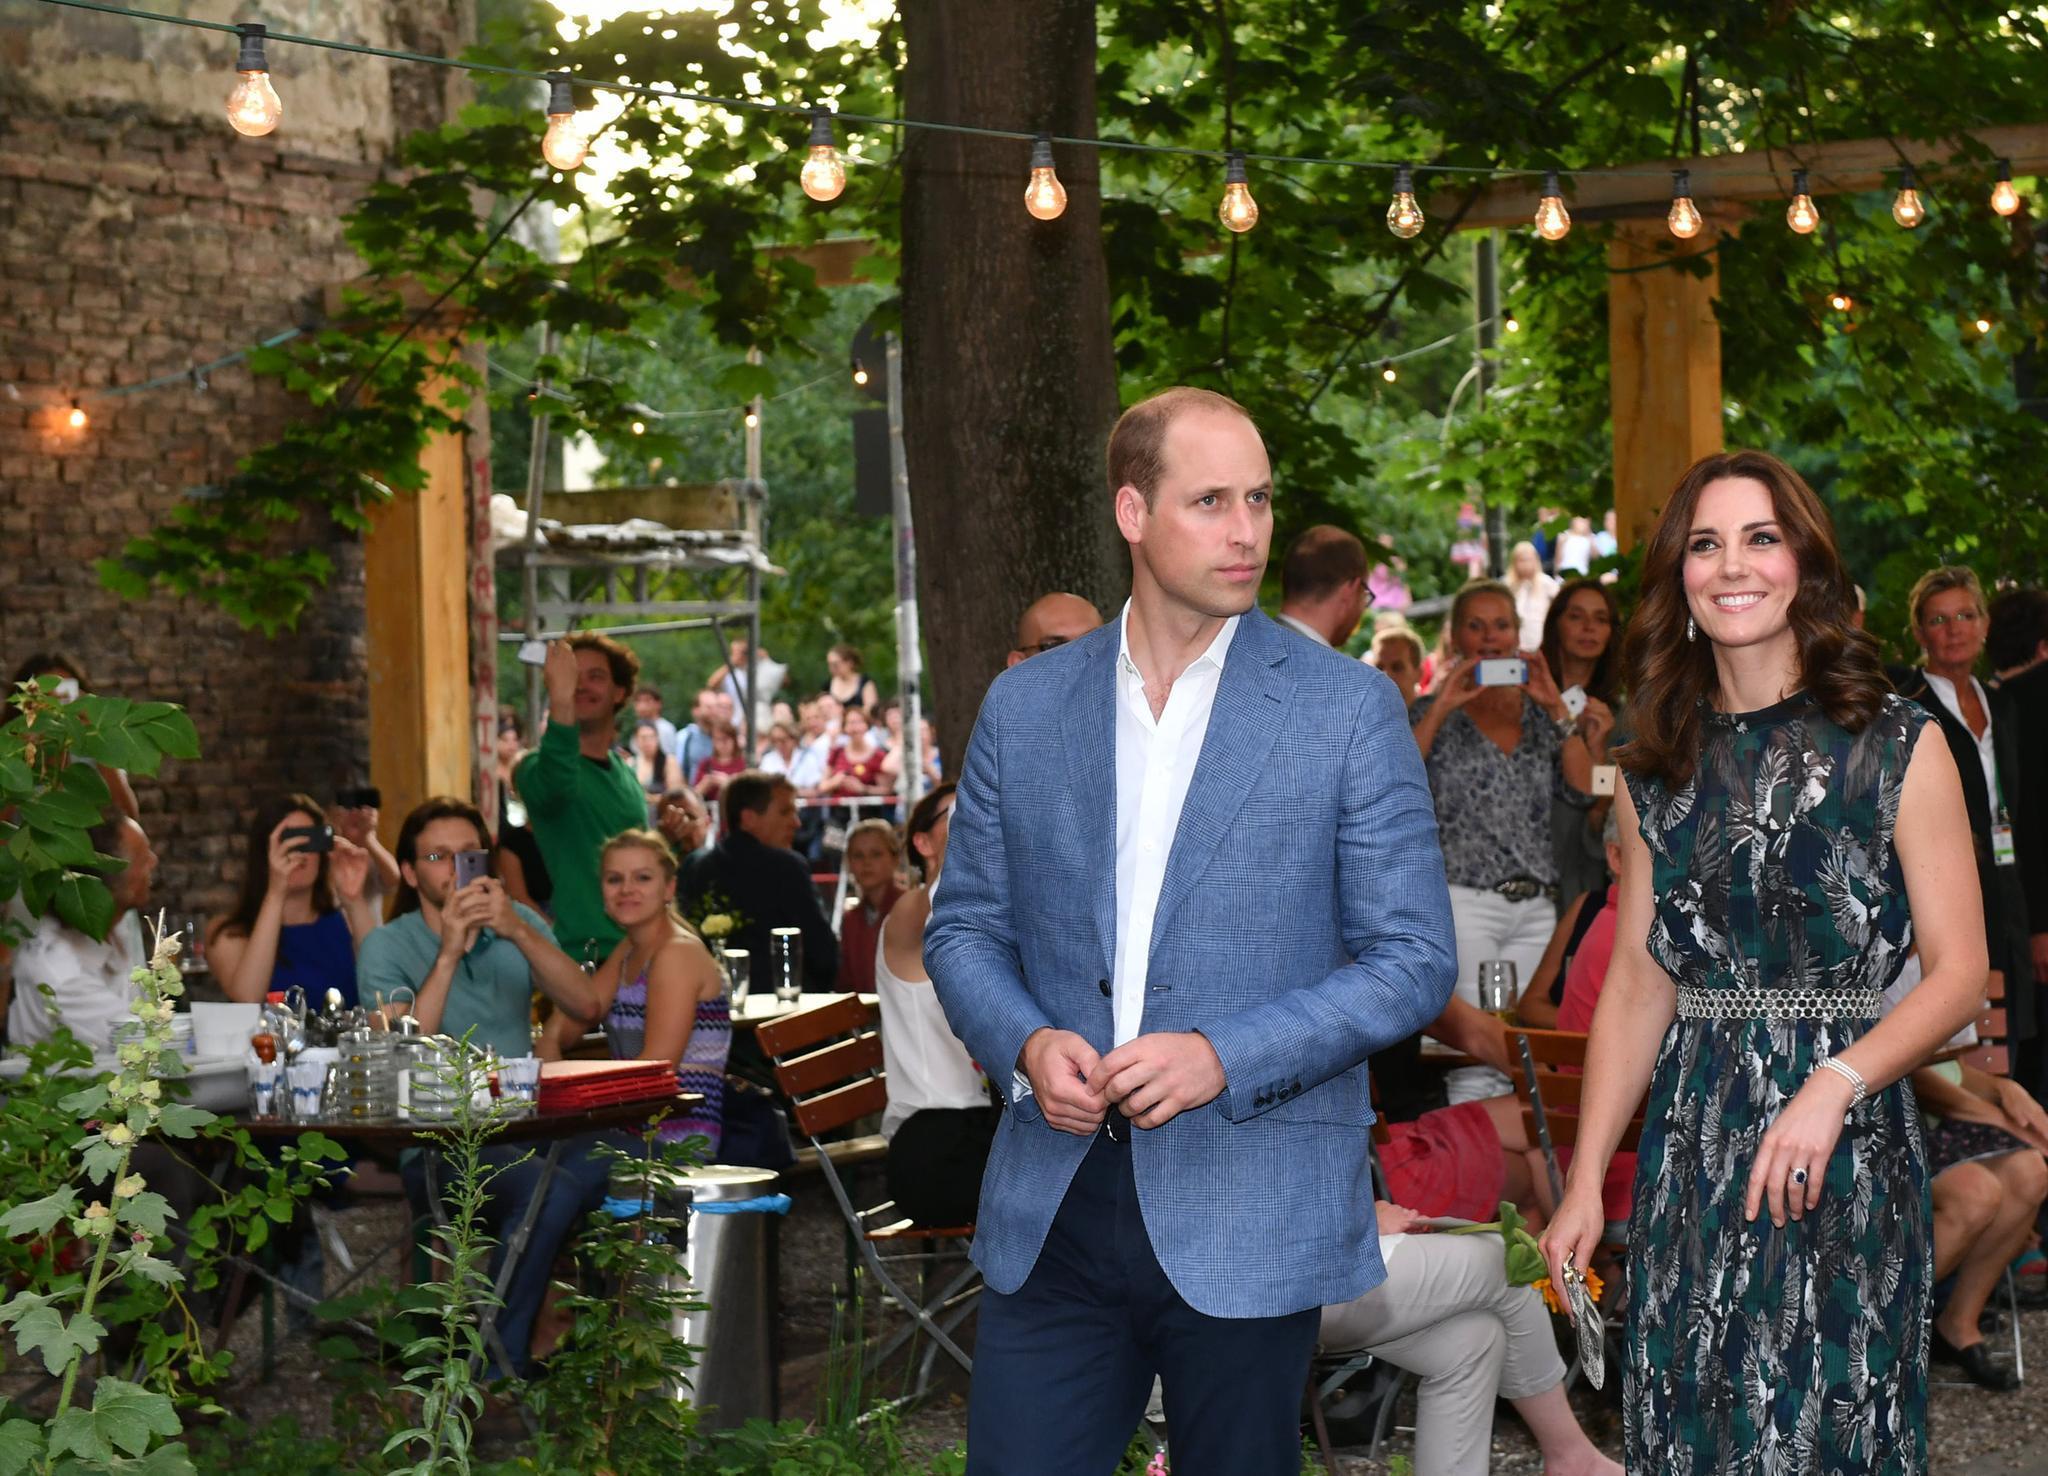 Prinz William + Herzogin Catherine: Herzogin Catherine ist sichtlich angetan von der Location; Prinz William wirkt konzentriert